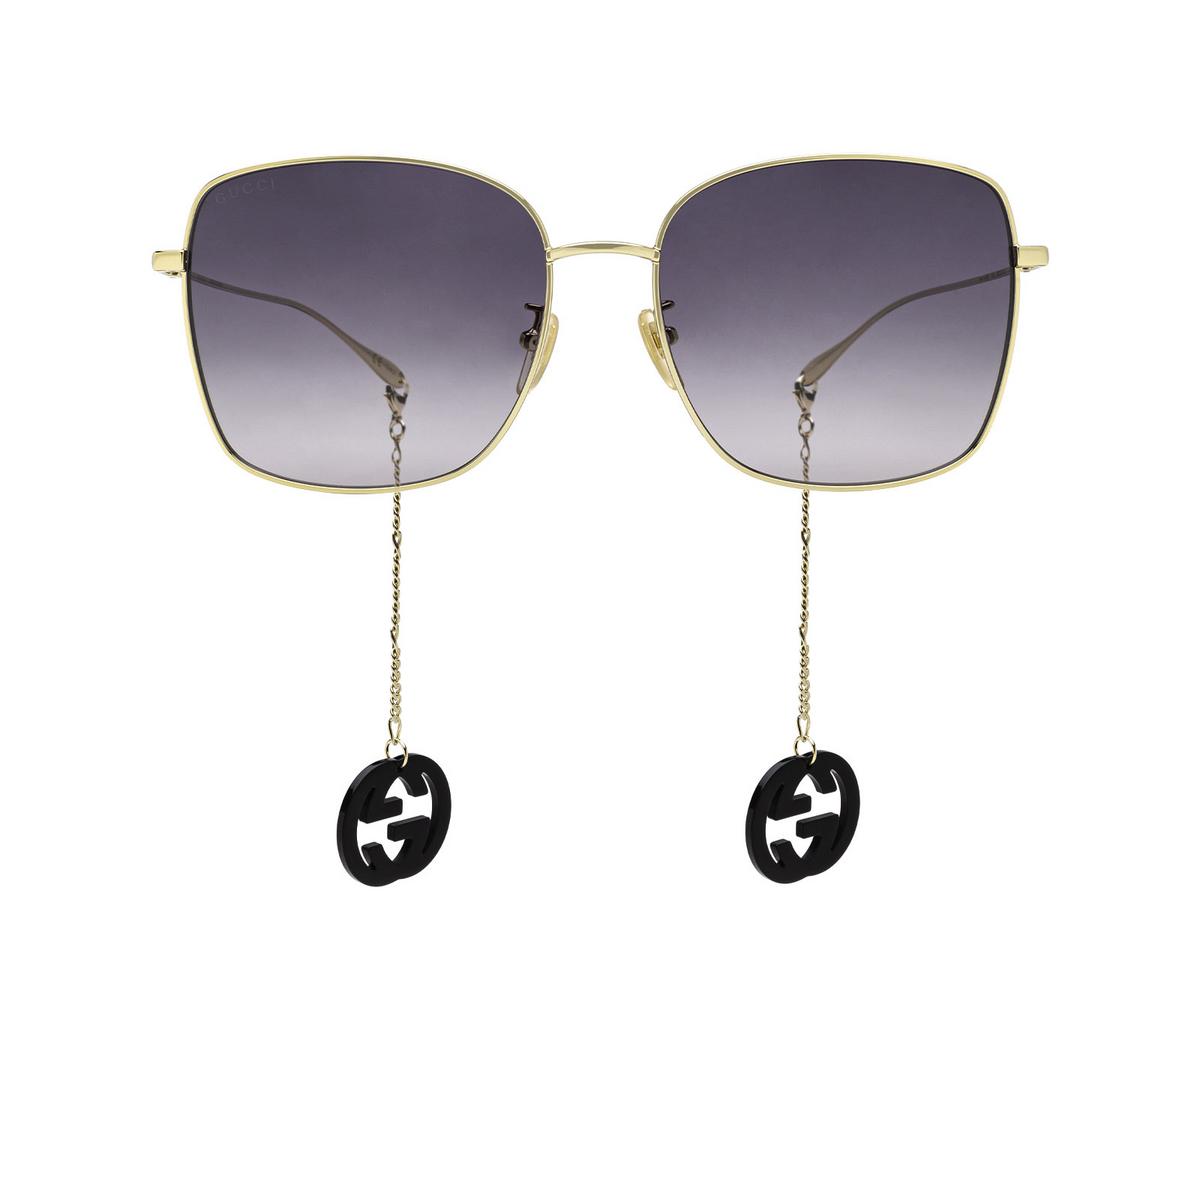 Gucci® Square Sunglasses: GG1030SK color Gold 001 - front view.